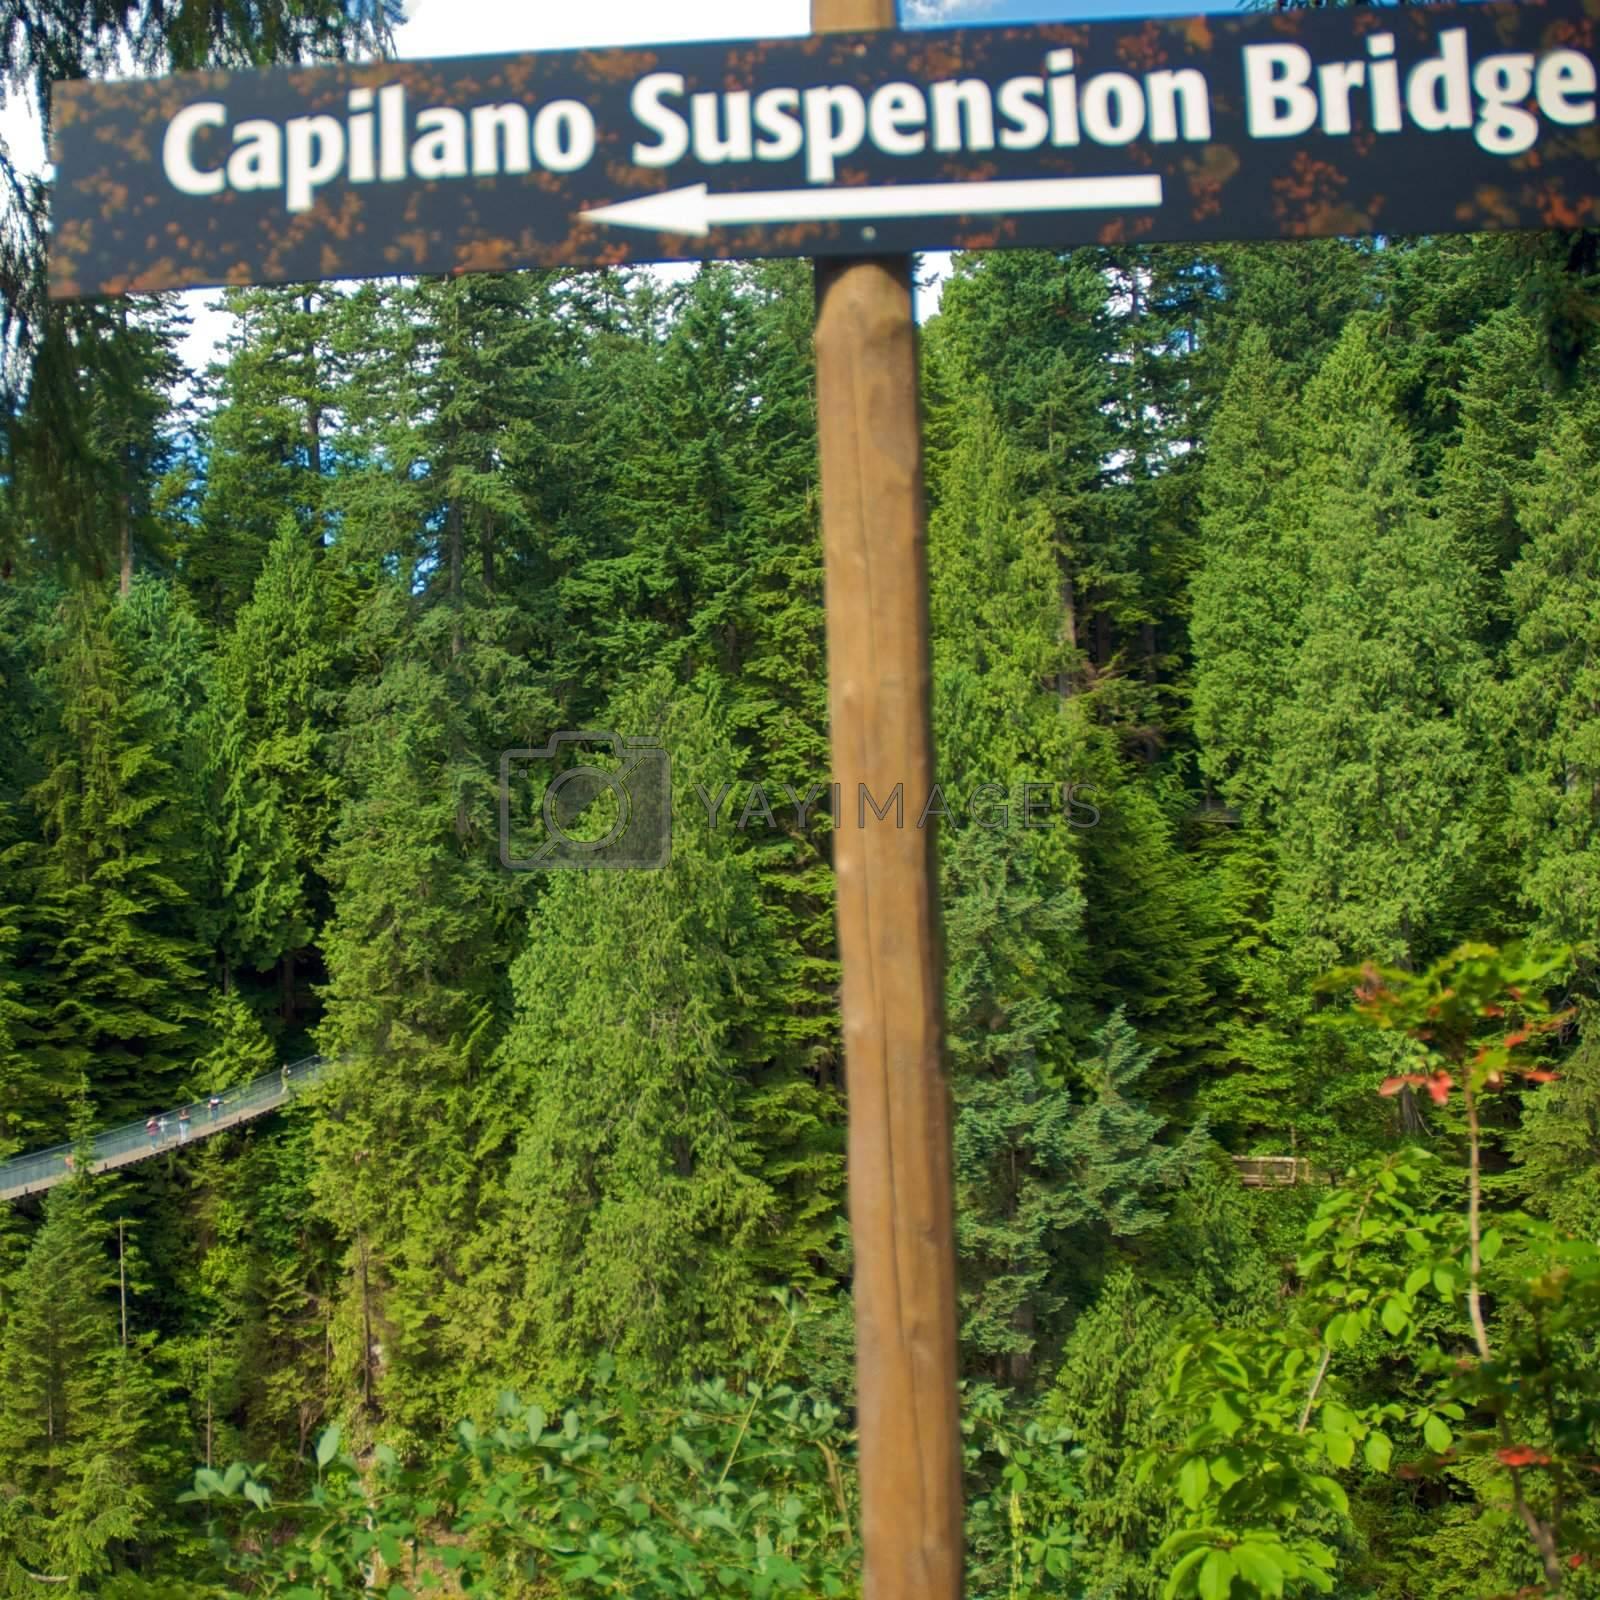 Capilano Suspension Bridge in Vancouver, British Columbia, Canada